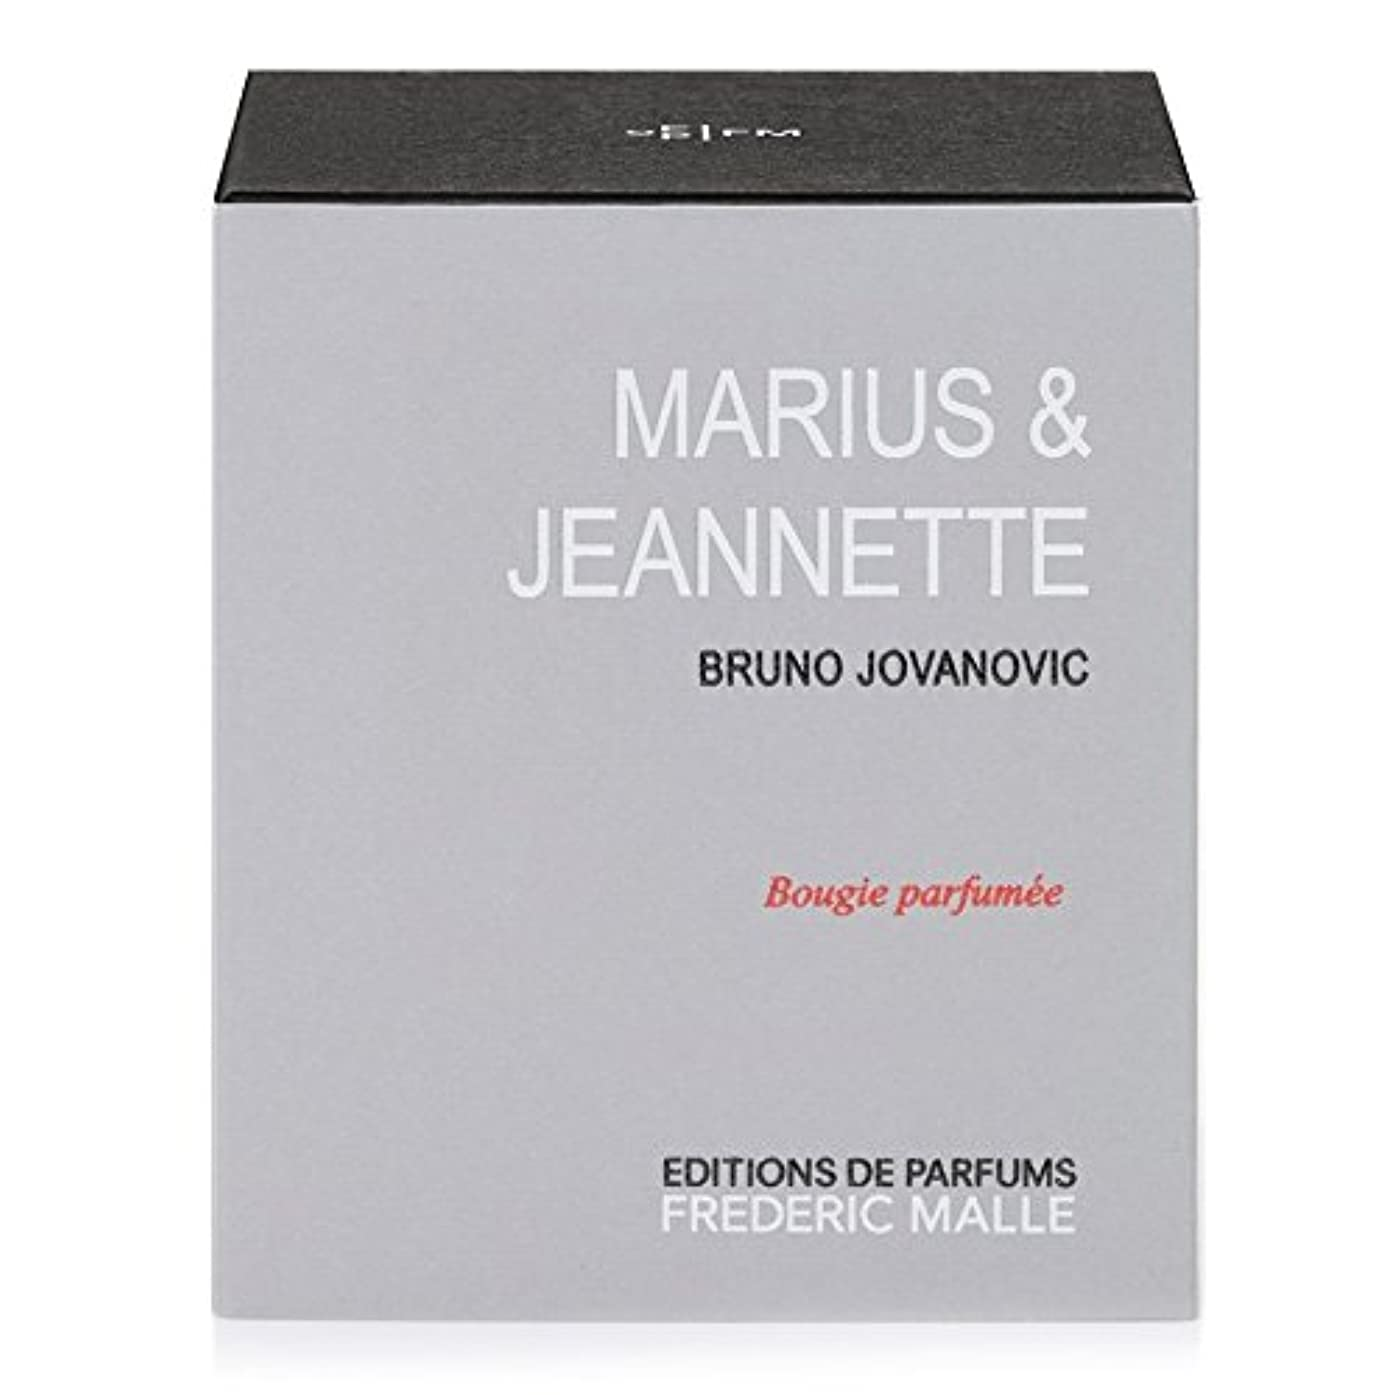 風味ランチ黒人フレデリック?マル とジャネット?香りのキャンドル x6 - Frederic Malle Maruis and Jeanette Scented Candle (Pack of 6) [並行輸入品]